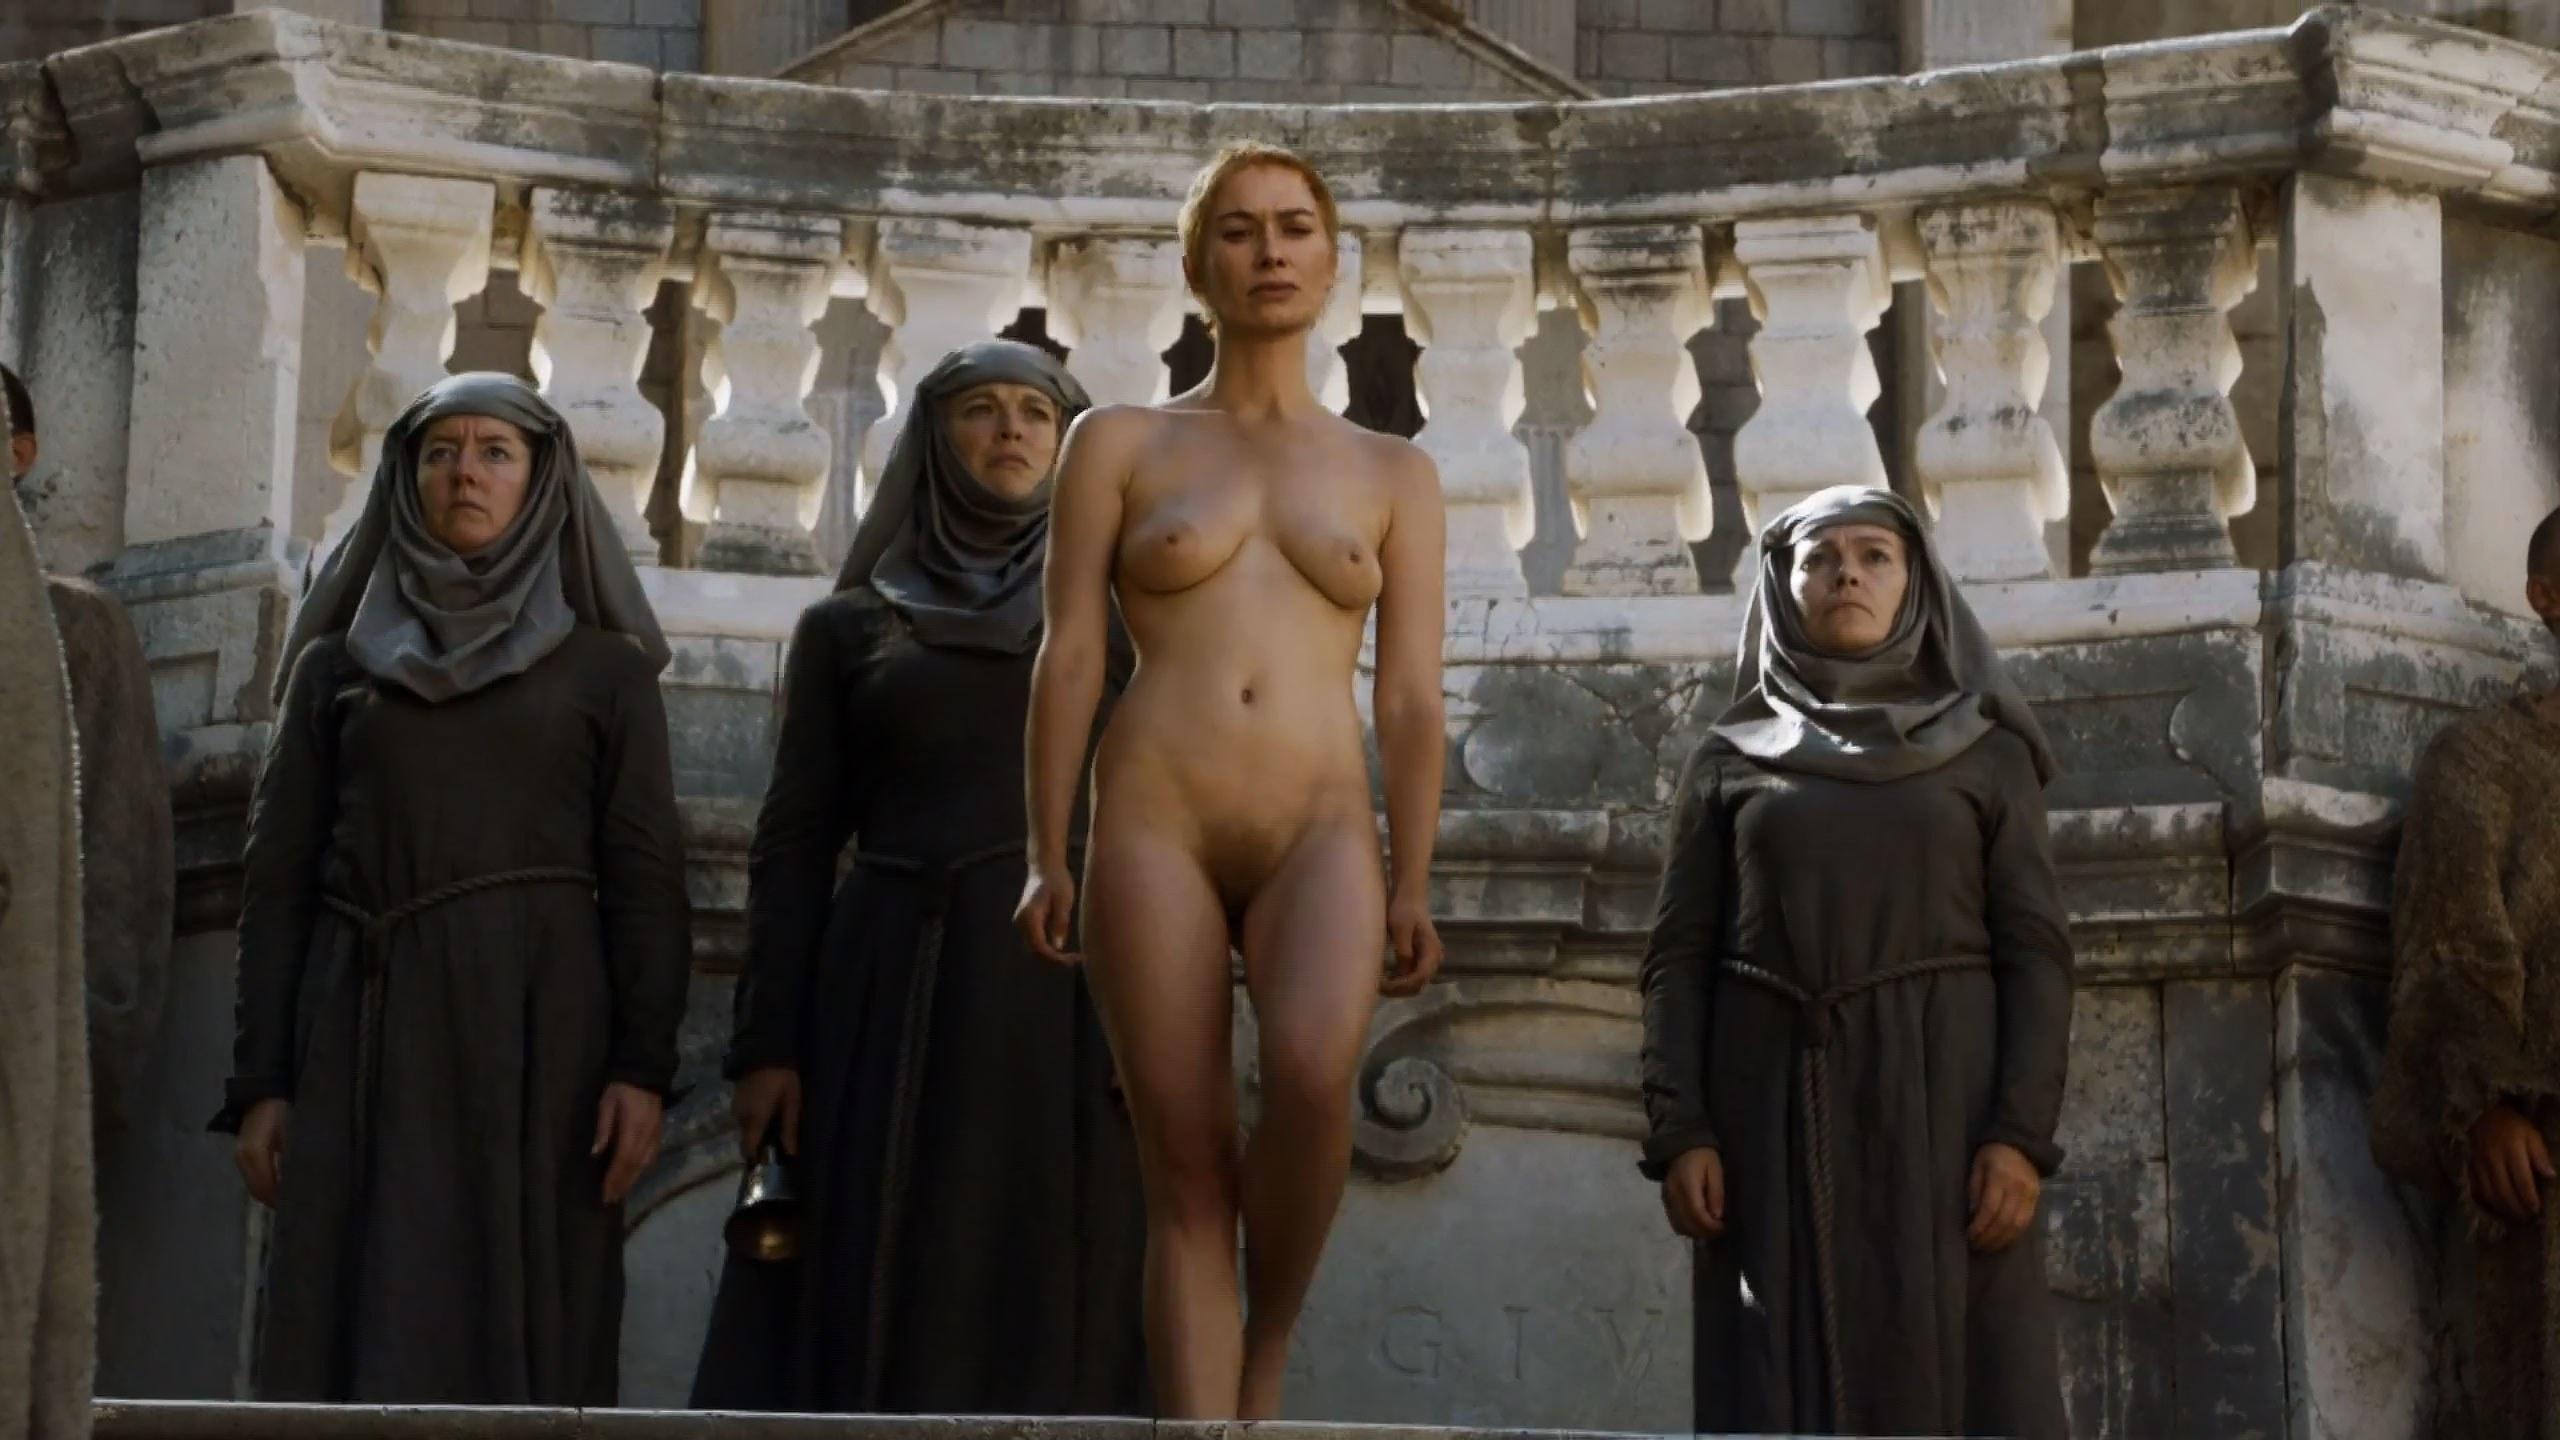 Naked shame and punishment spanking